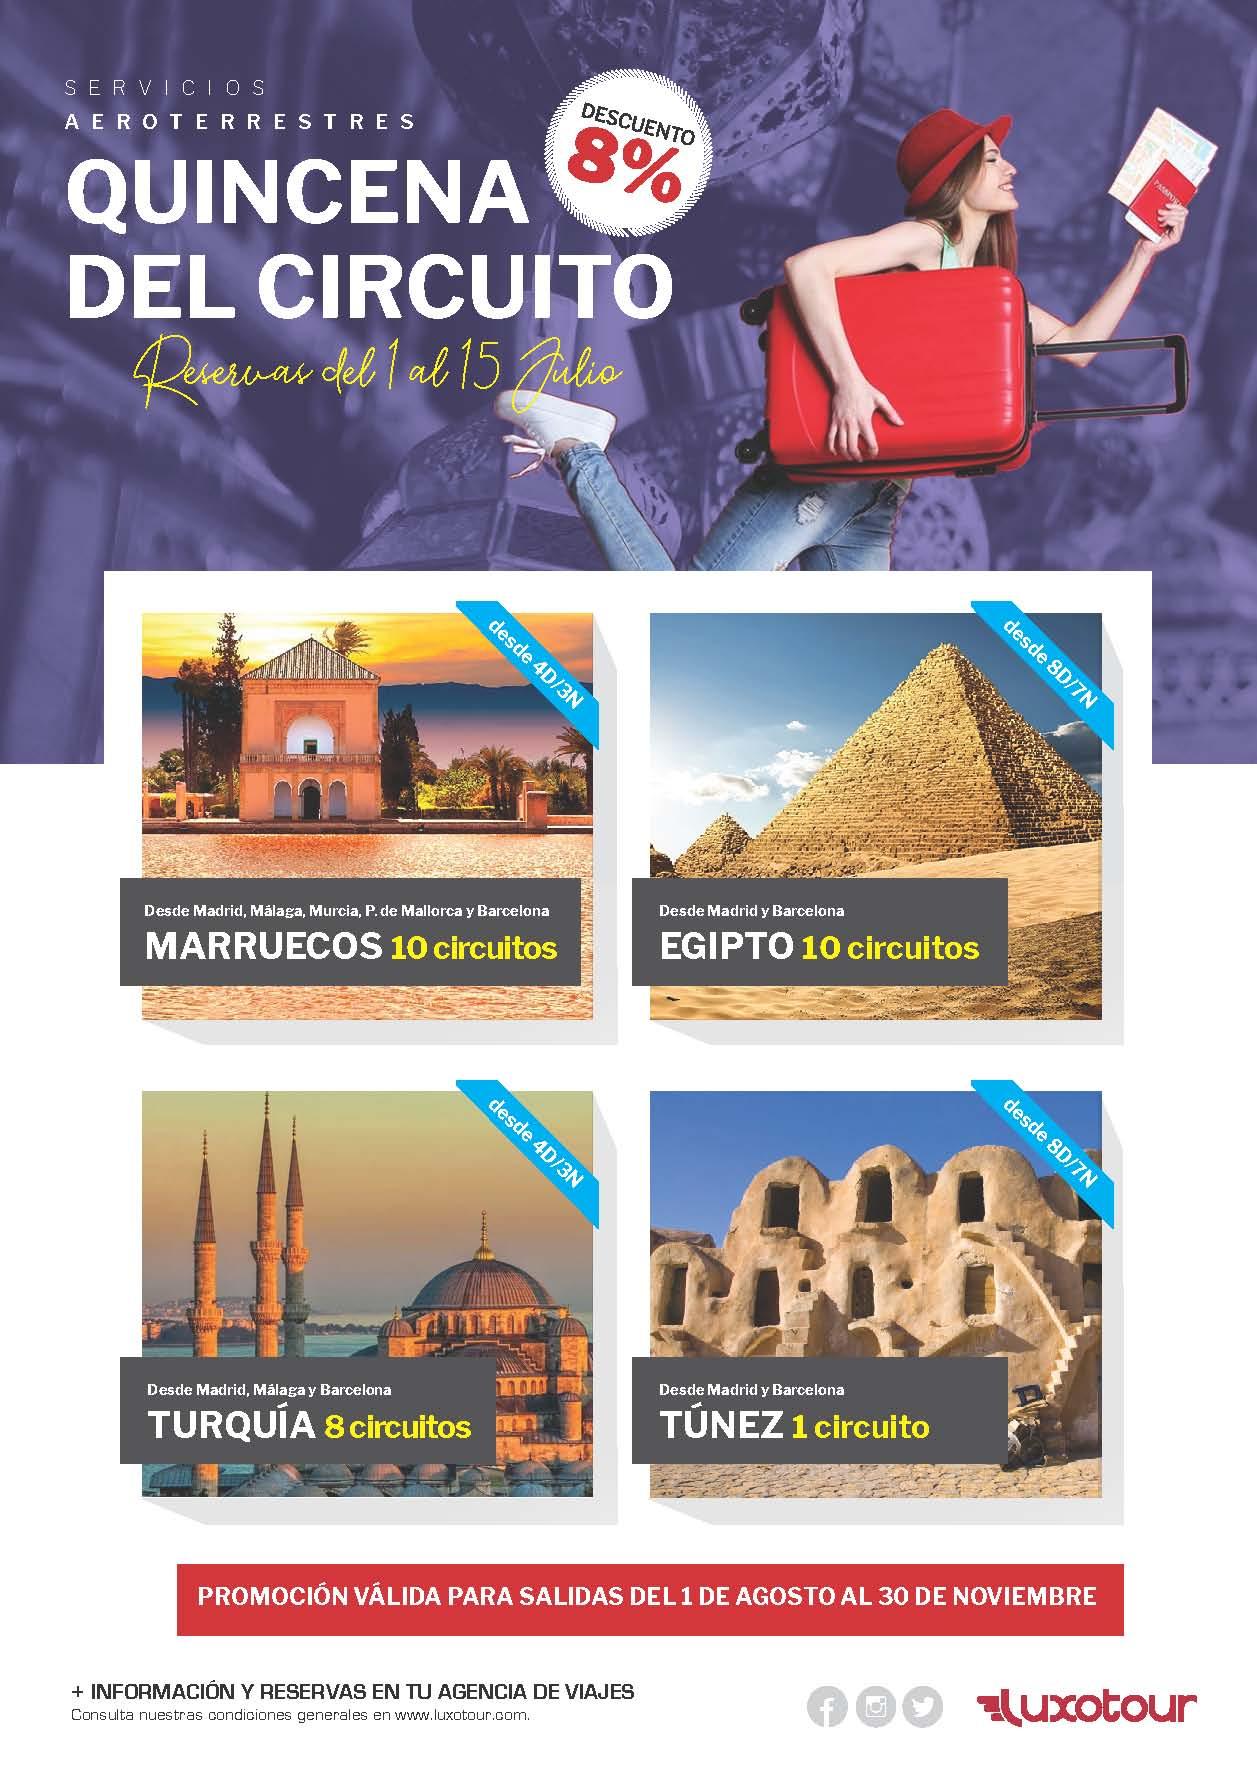 Oferta Luxotour quincena del circuito reservas del 1 al 15 Julio 2021